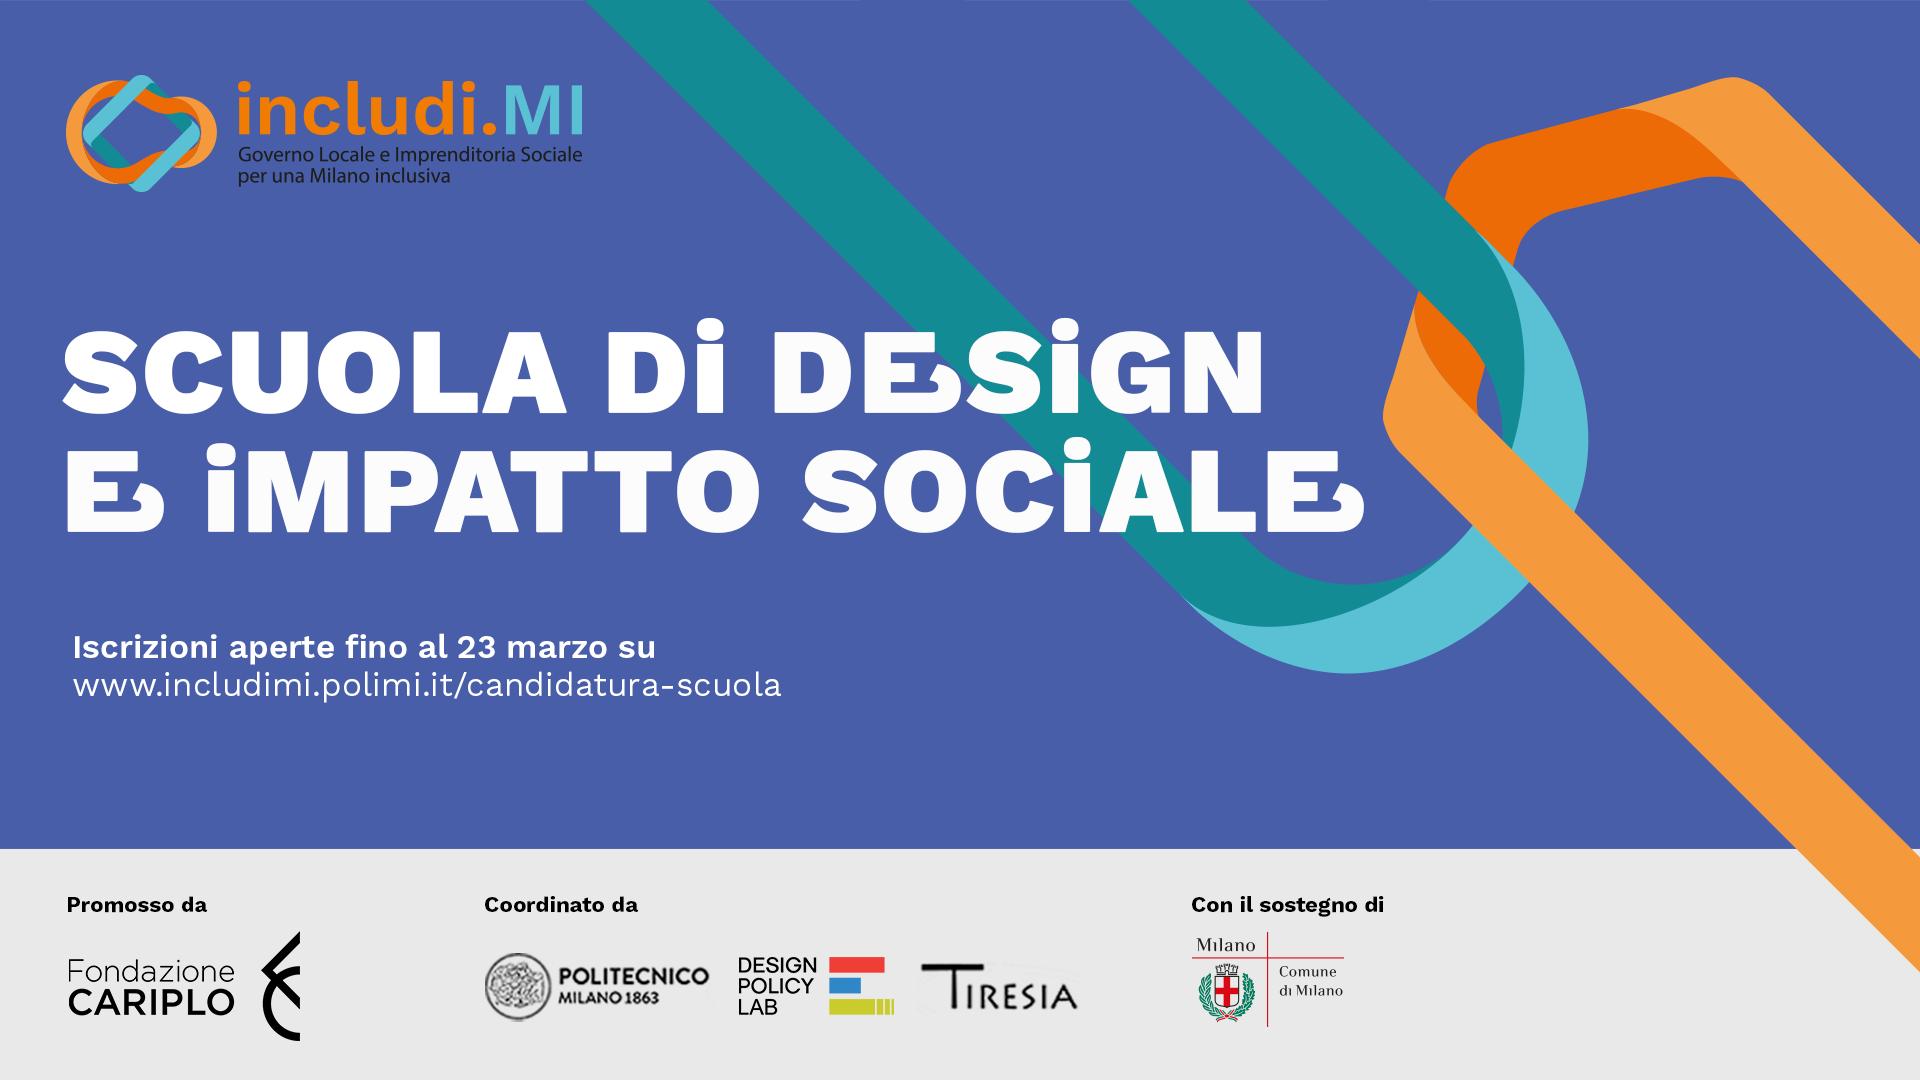 Scuola di design e impatto sociale includi mi for Scuola del design polimi